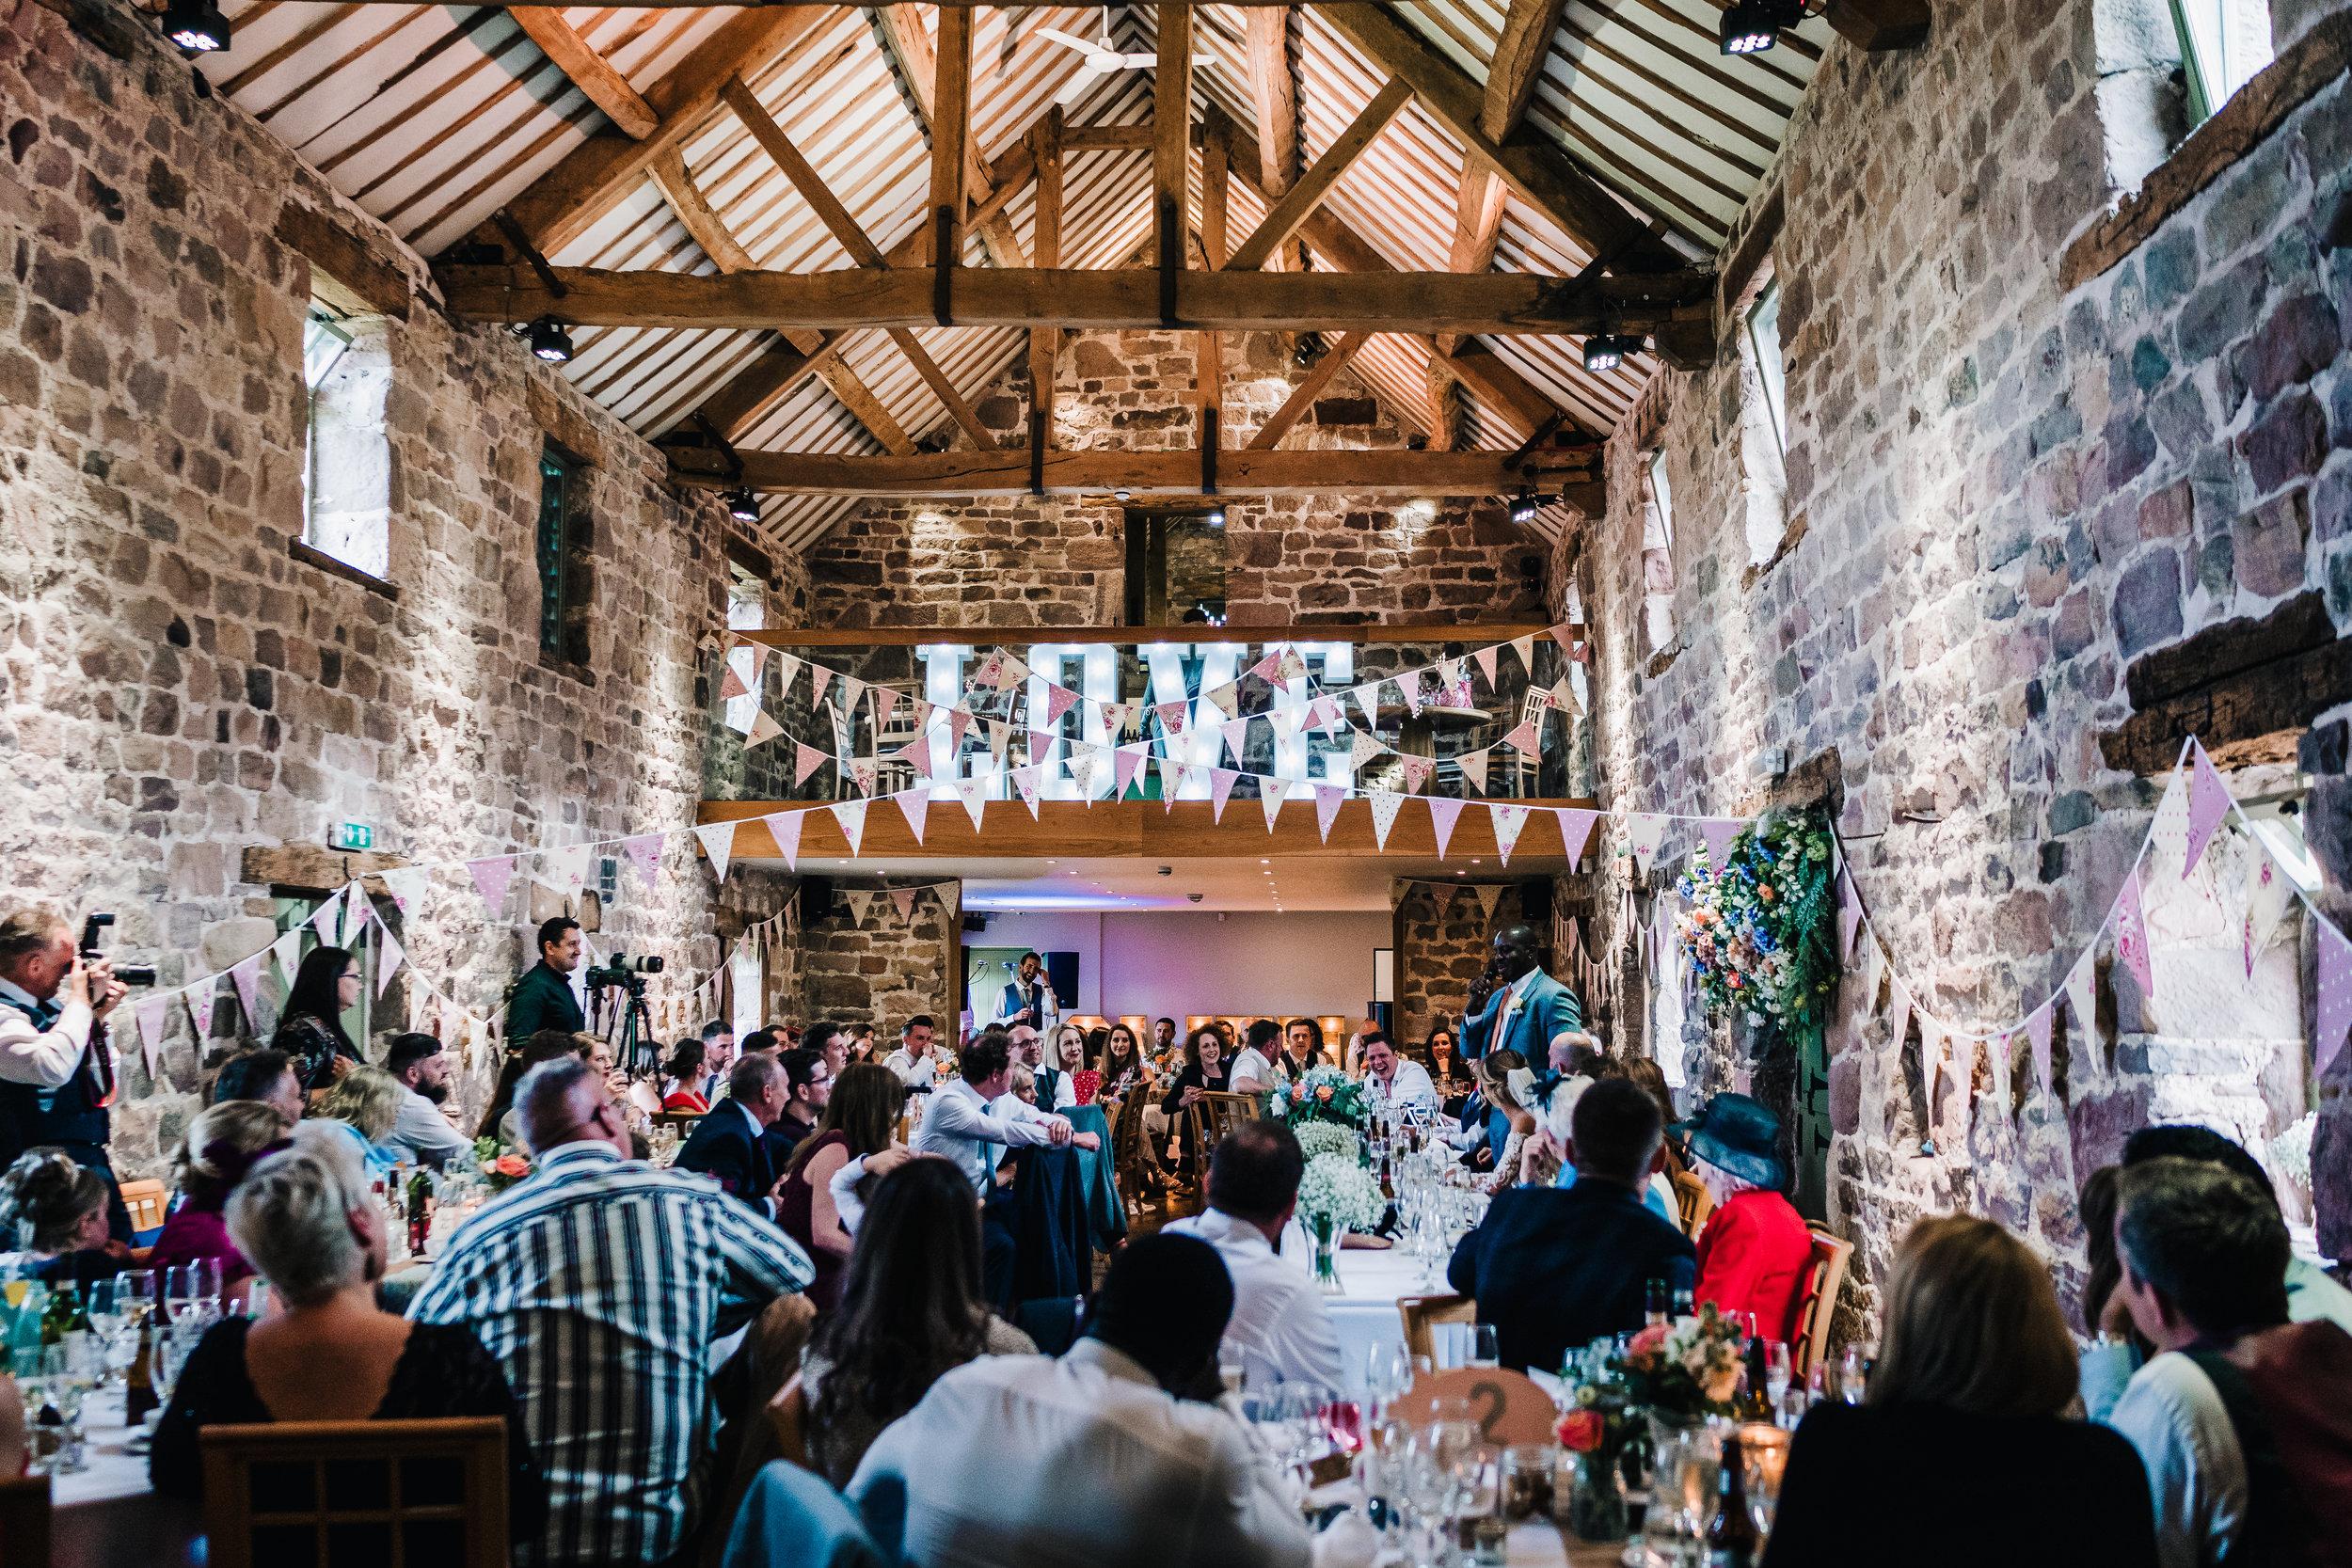 BARN WEDDING VENUE IN ENDON STAFFORDSHIRE NEAR LEEK